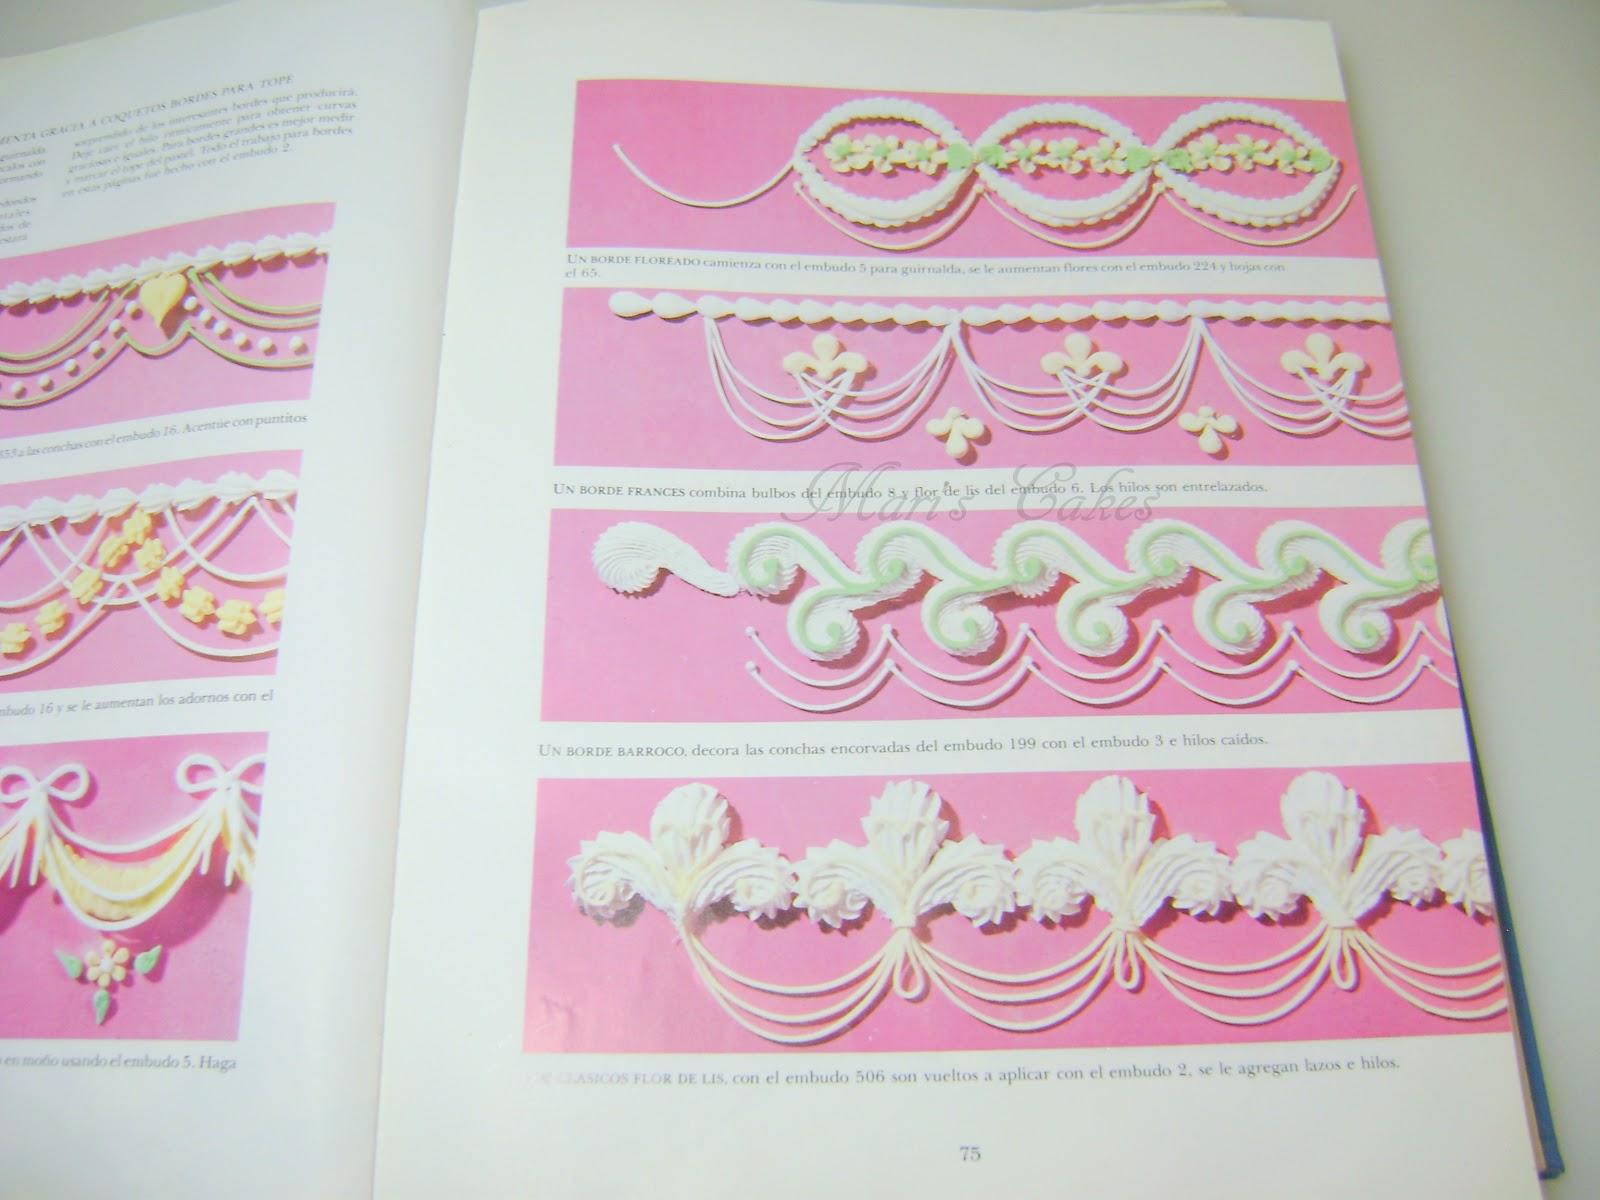 Libros de decoracion de bizcochos mari 39 s cakes - Libros para decorar ...